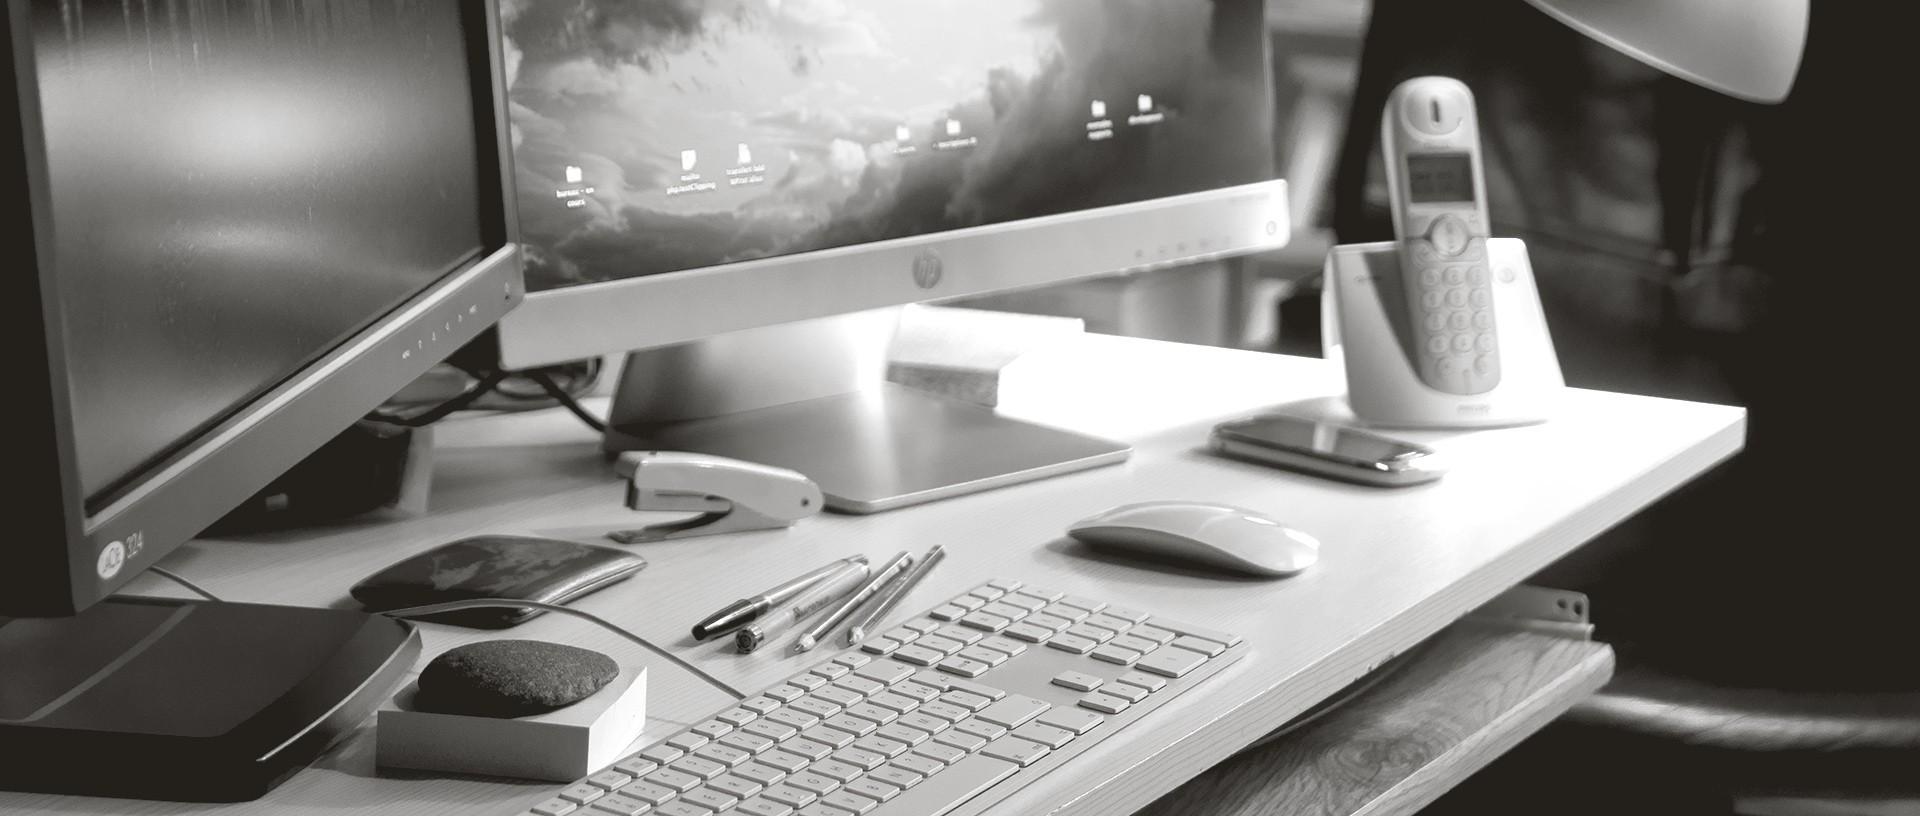 bureau, clavier, souris, écrans, téléphones - studio de communication visuelle